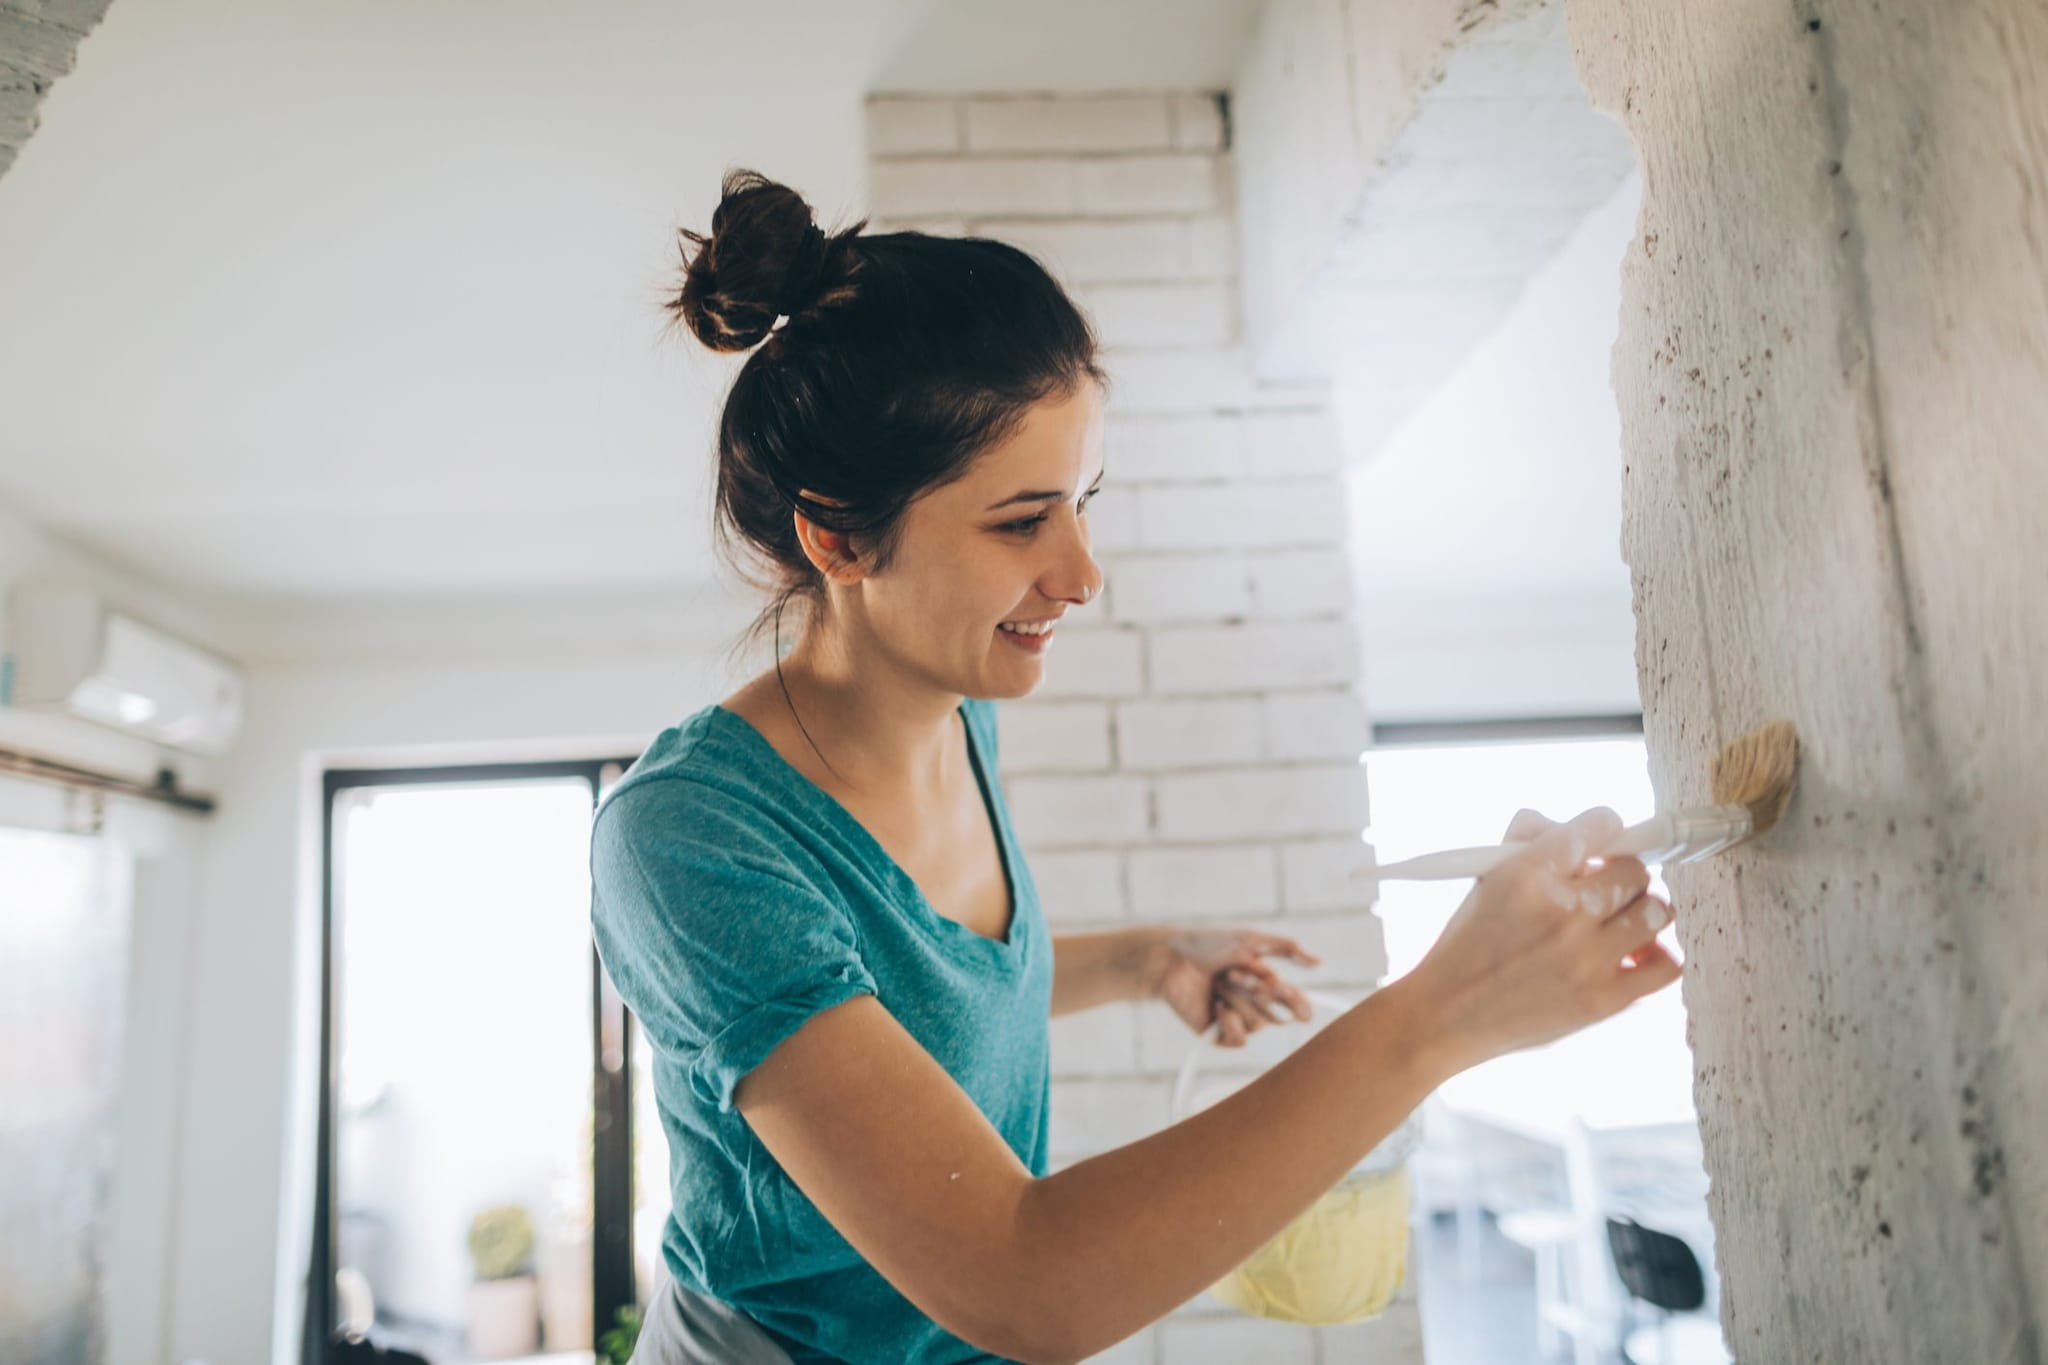 Migliore Pittura Per Interni le migliori pitture per pareti: quali marche scegliere